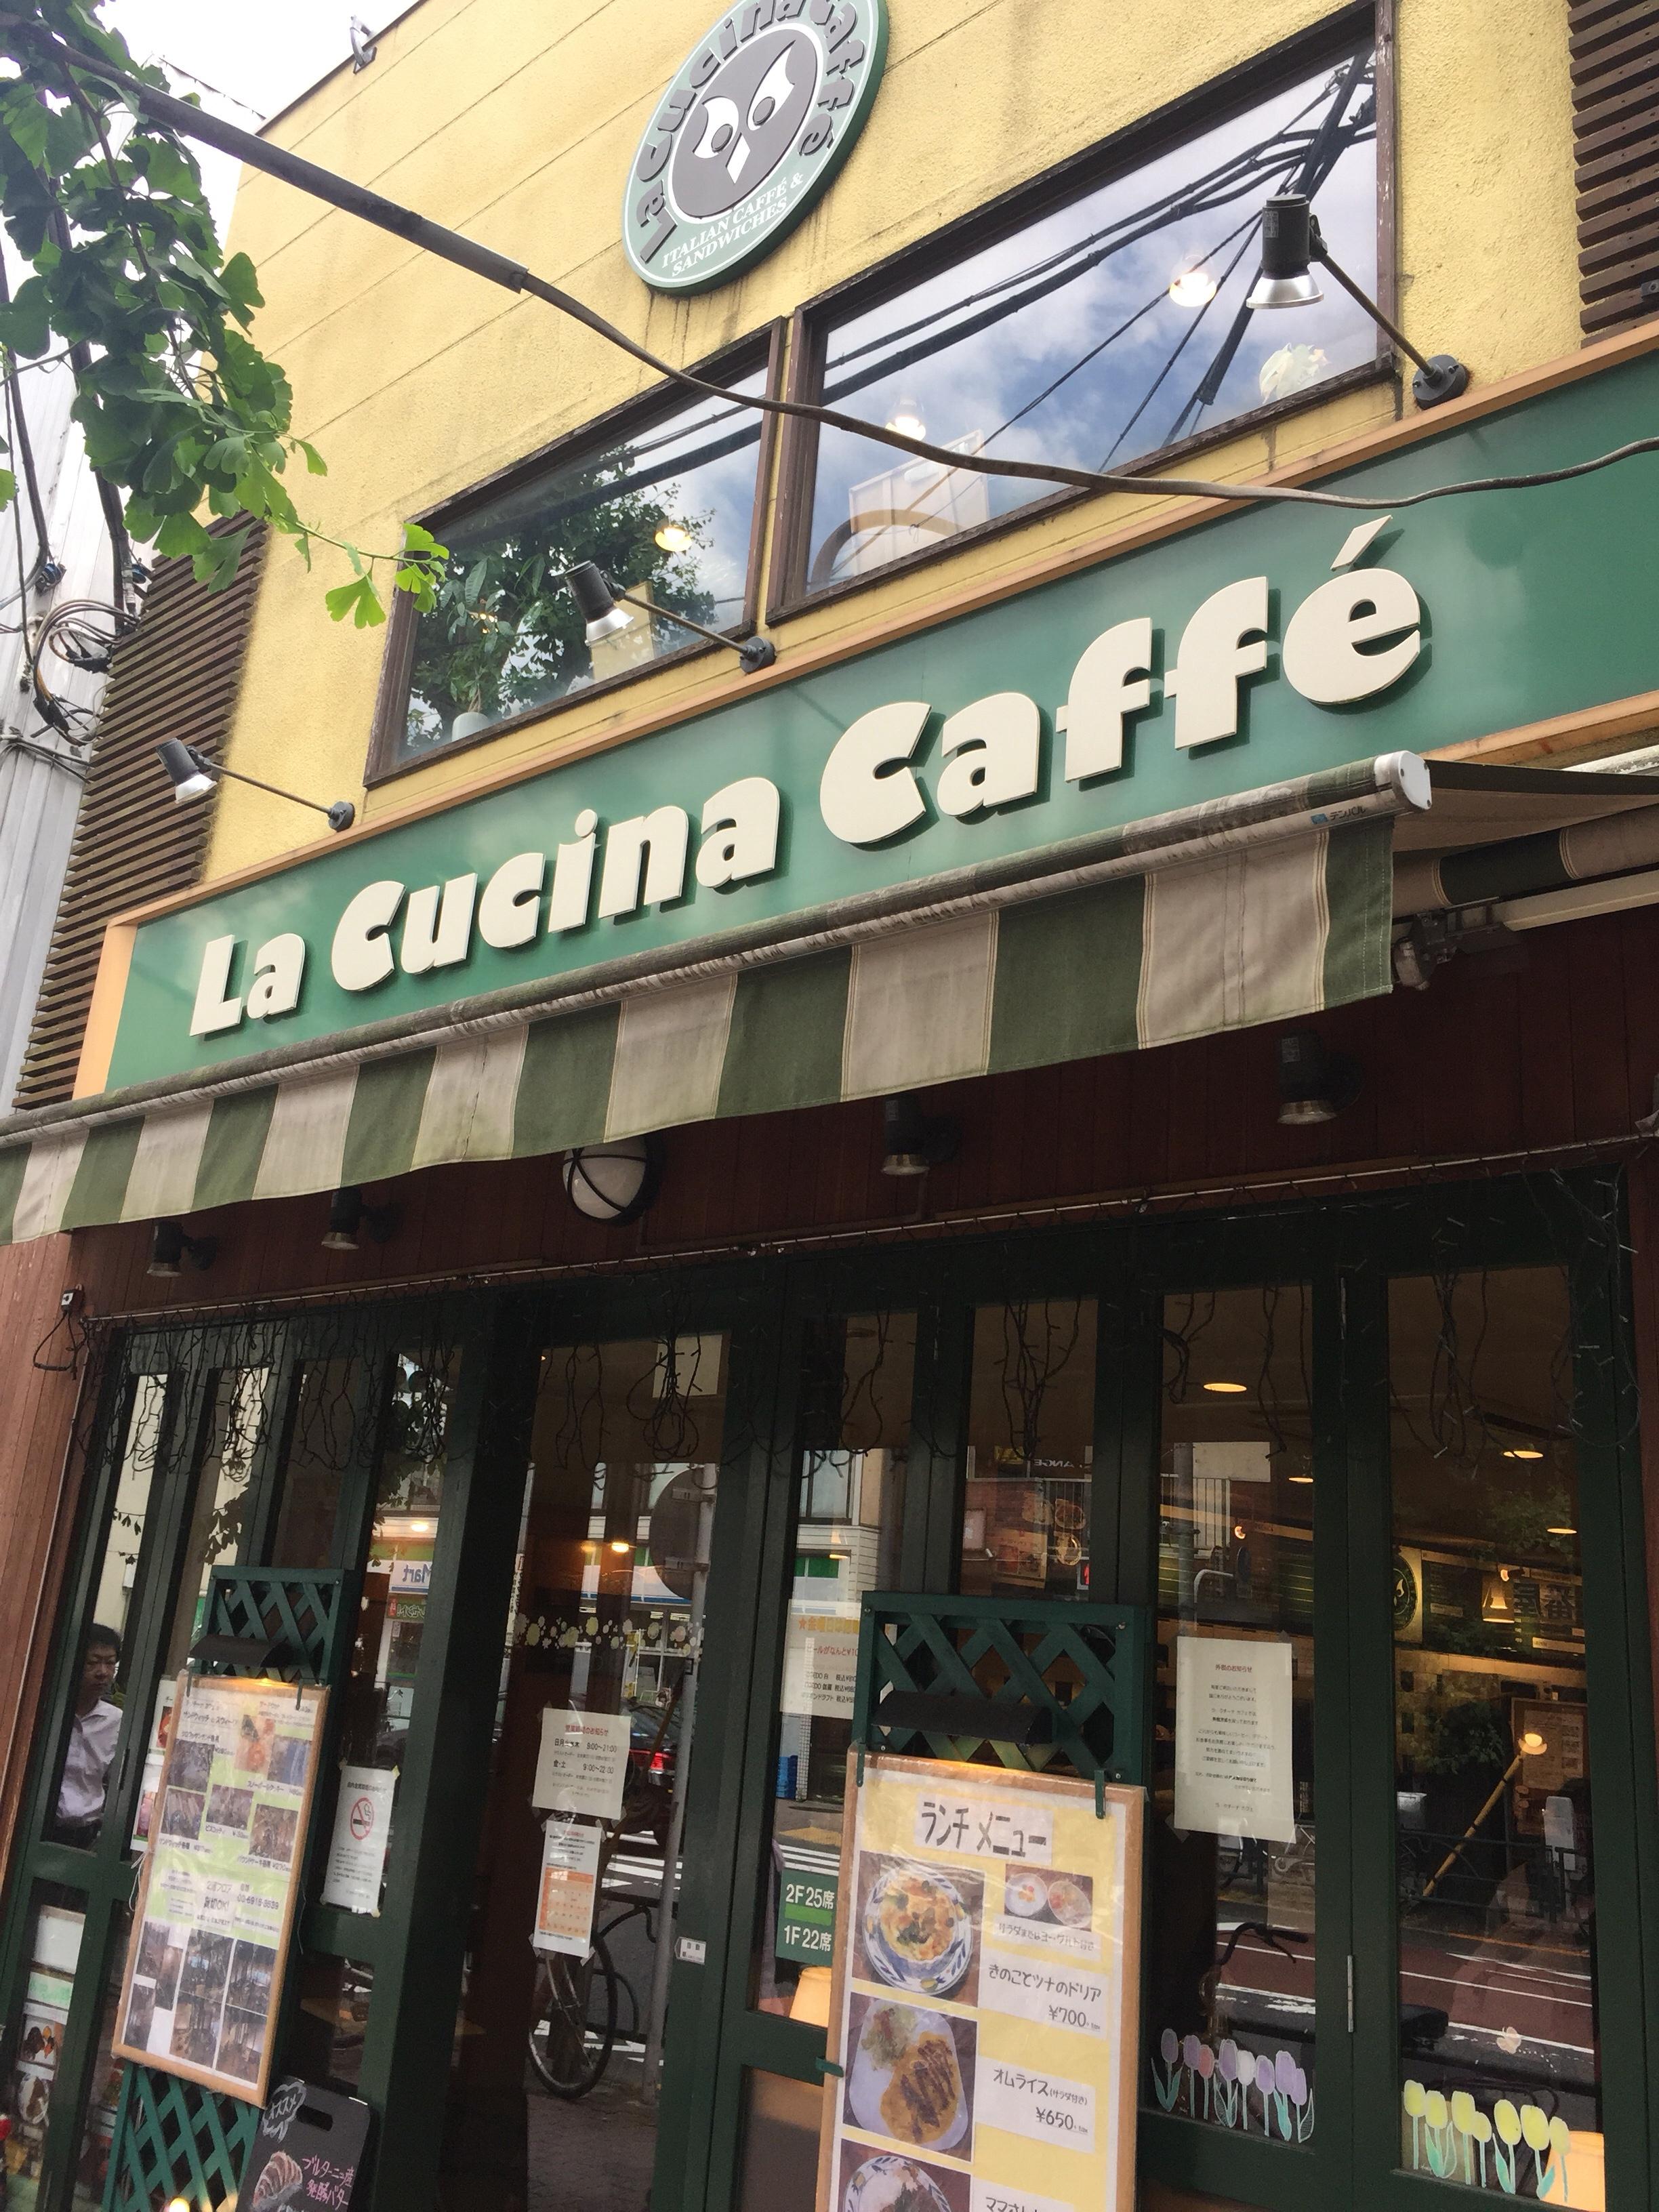 目白でゆっくりできるコスパが良いおすすめカフェ